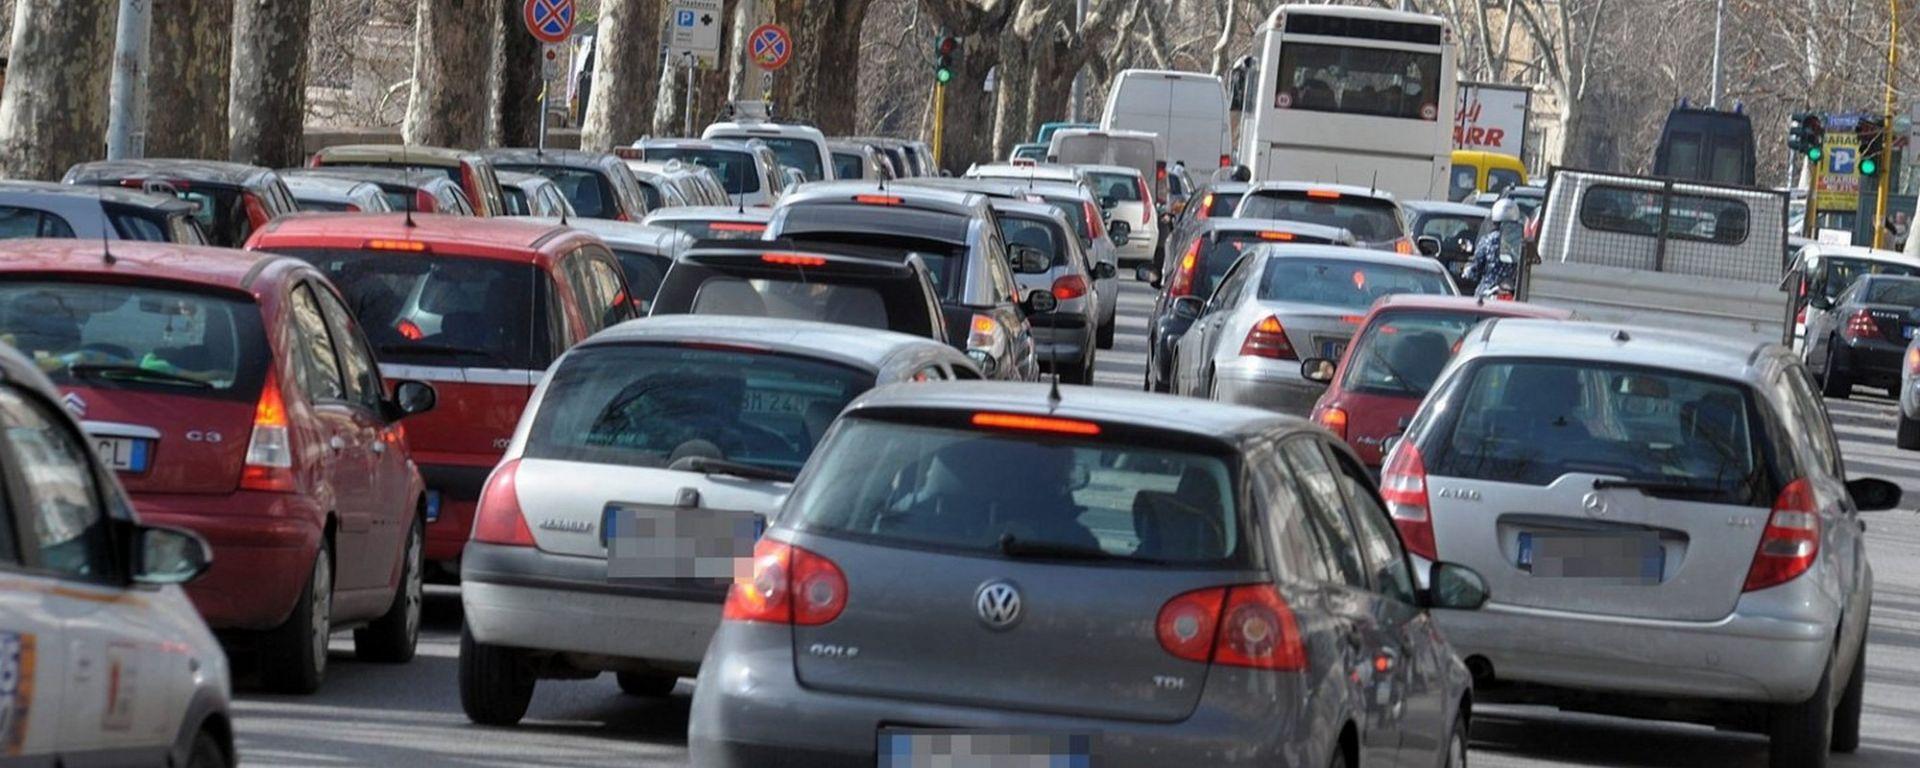 Traffico in tilt, forti perdite economiche per le aziende